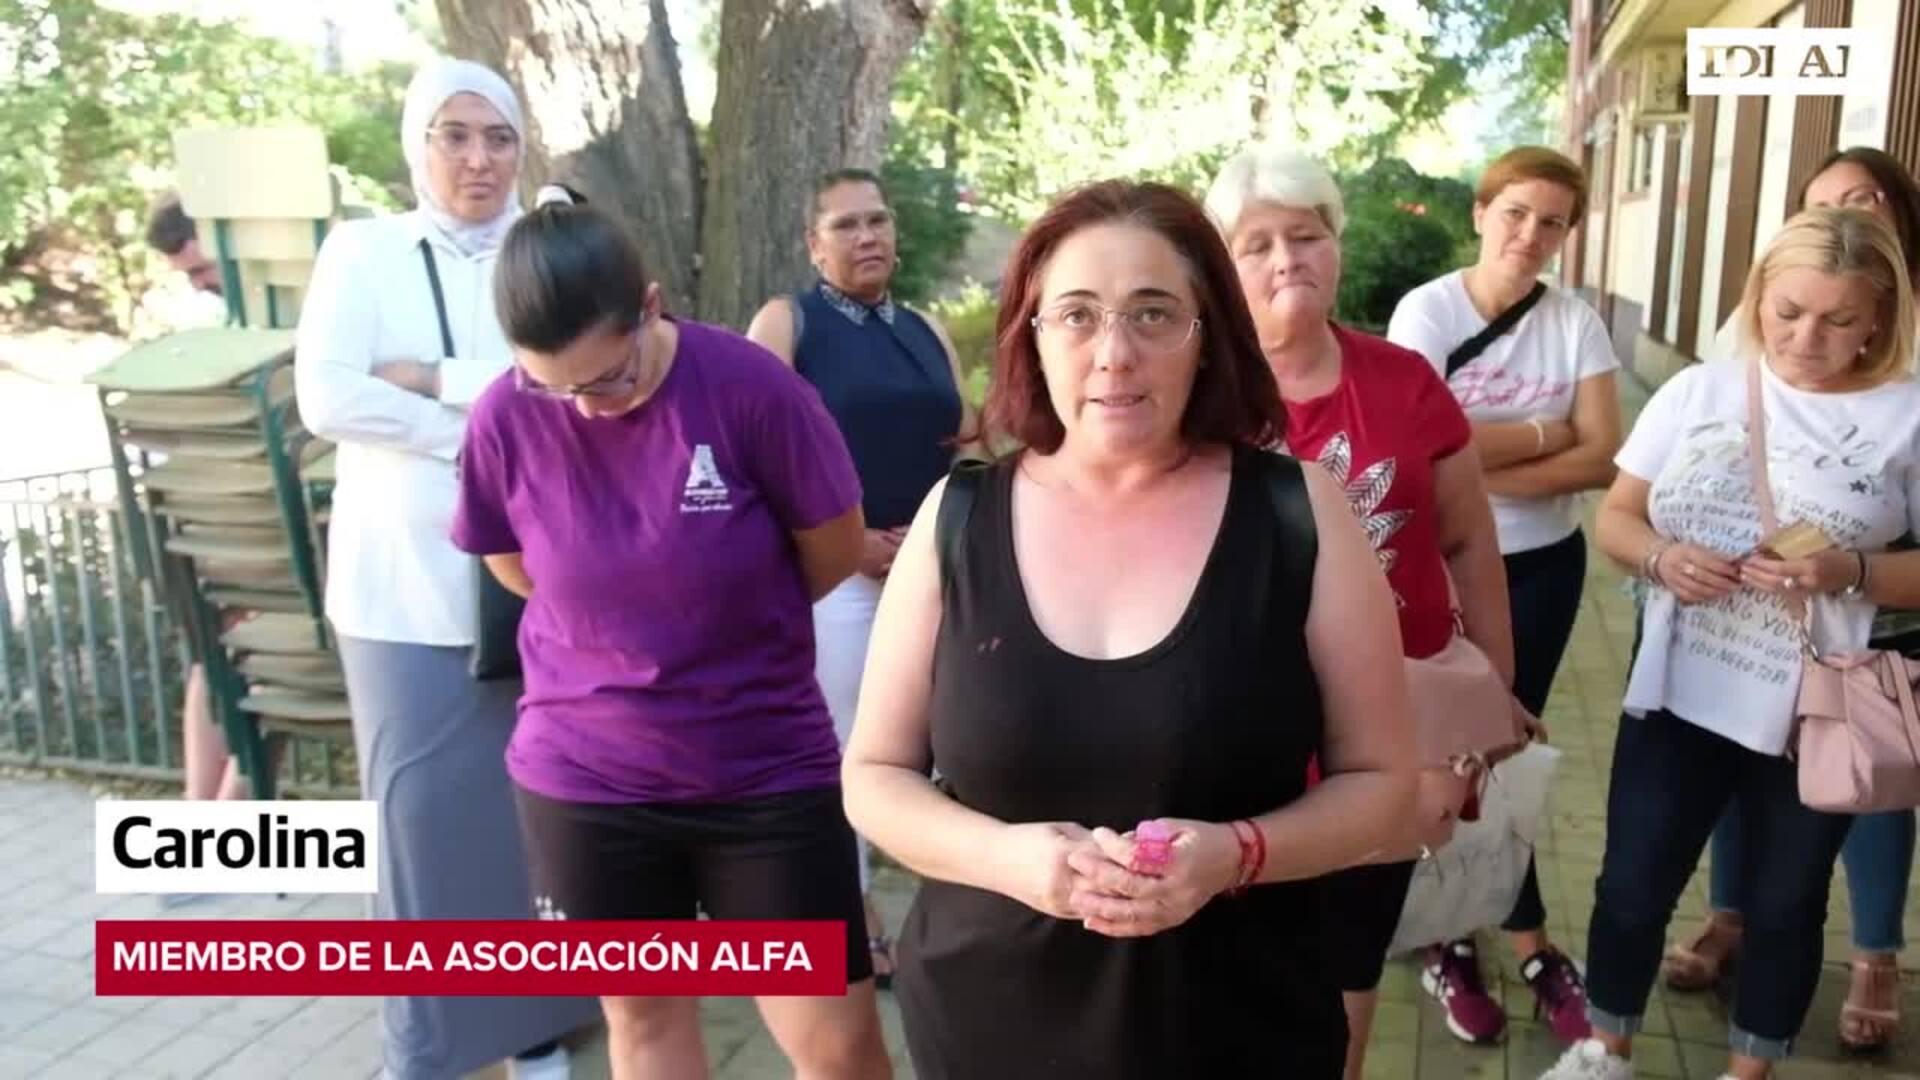 La Asociación Almanjáyar en Familia pide ayuda para continuar con su trabajo